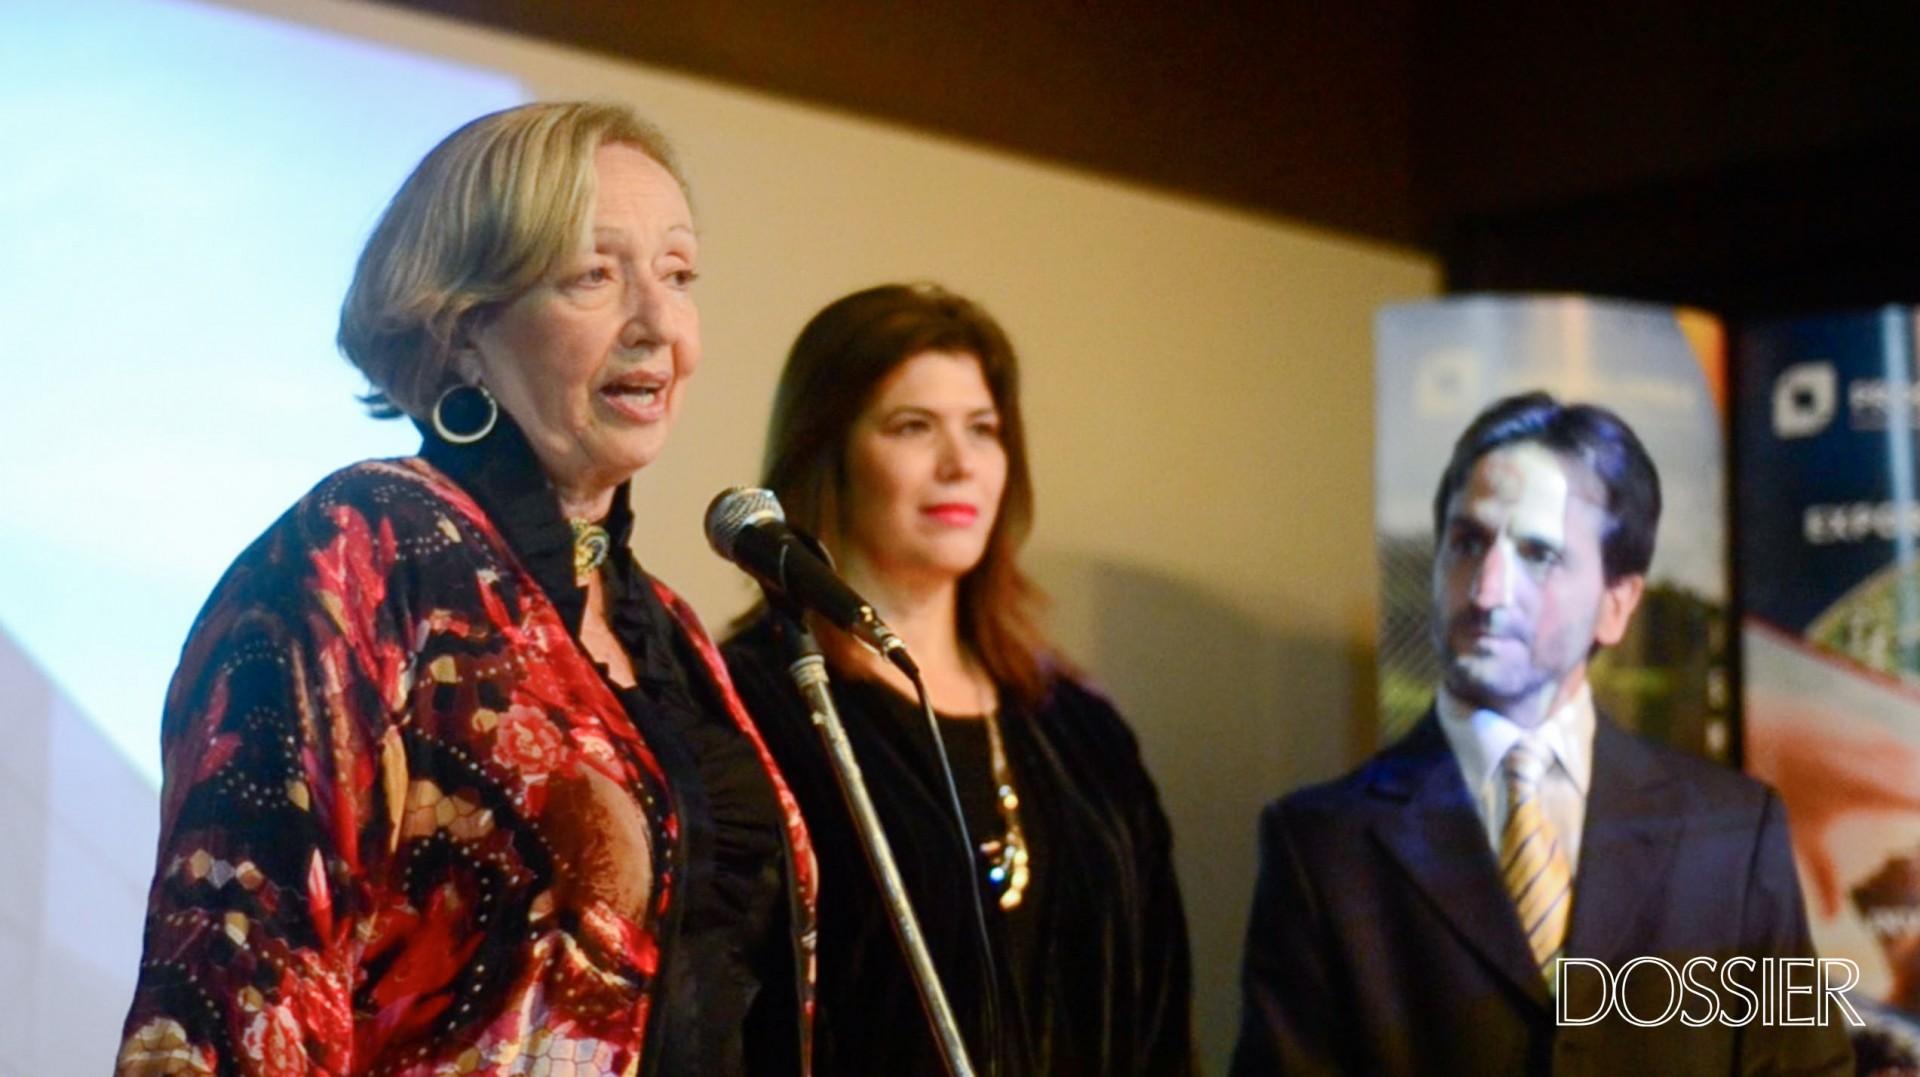 María Julia Muñoz, Embajadora de Colombia en Uruguay Natalia Abello y Director del Mapi Facundo Almeida